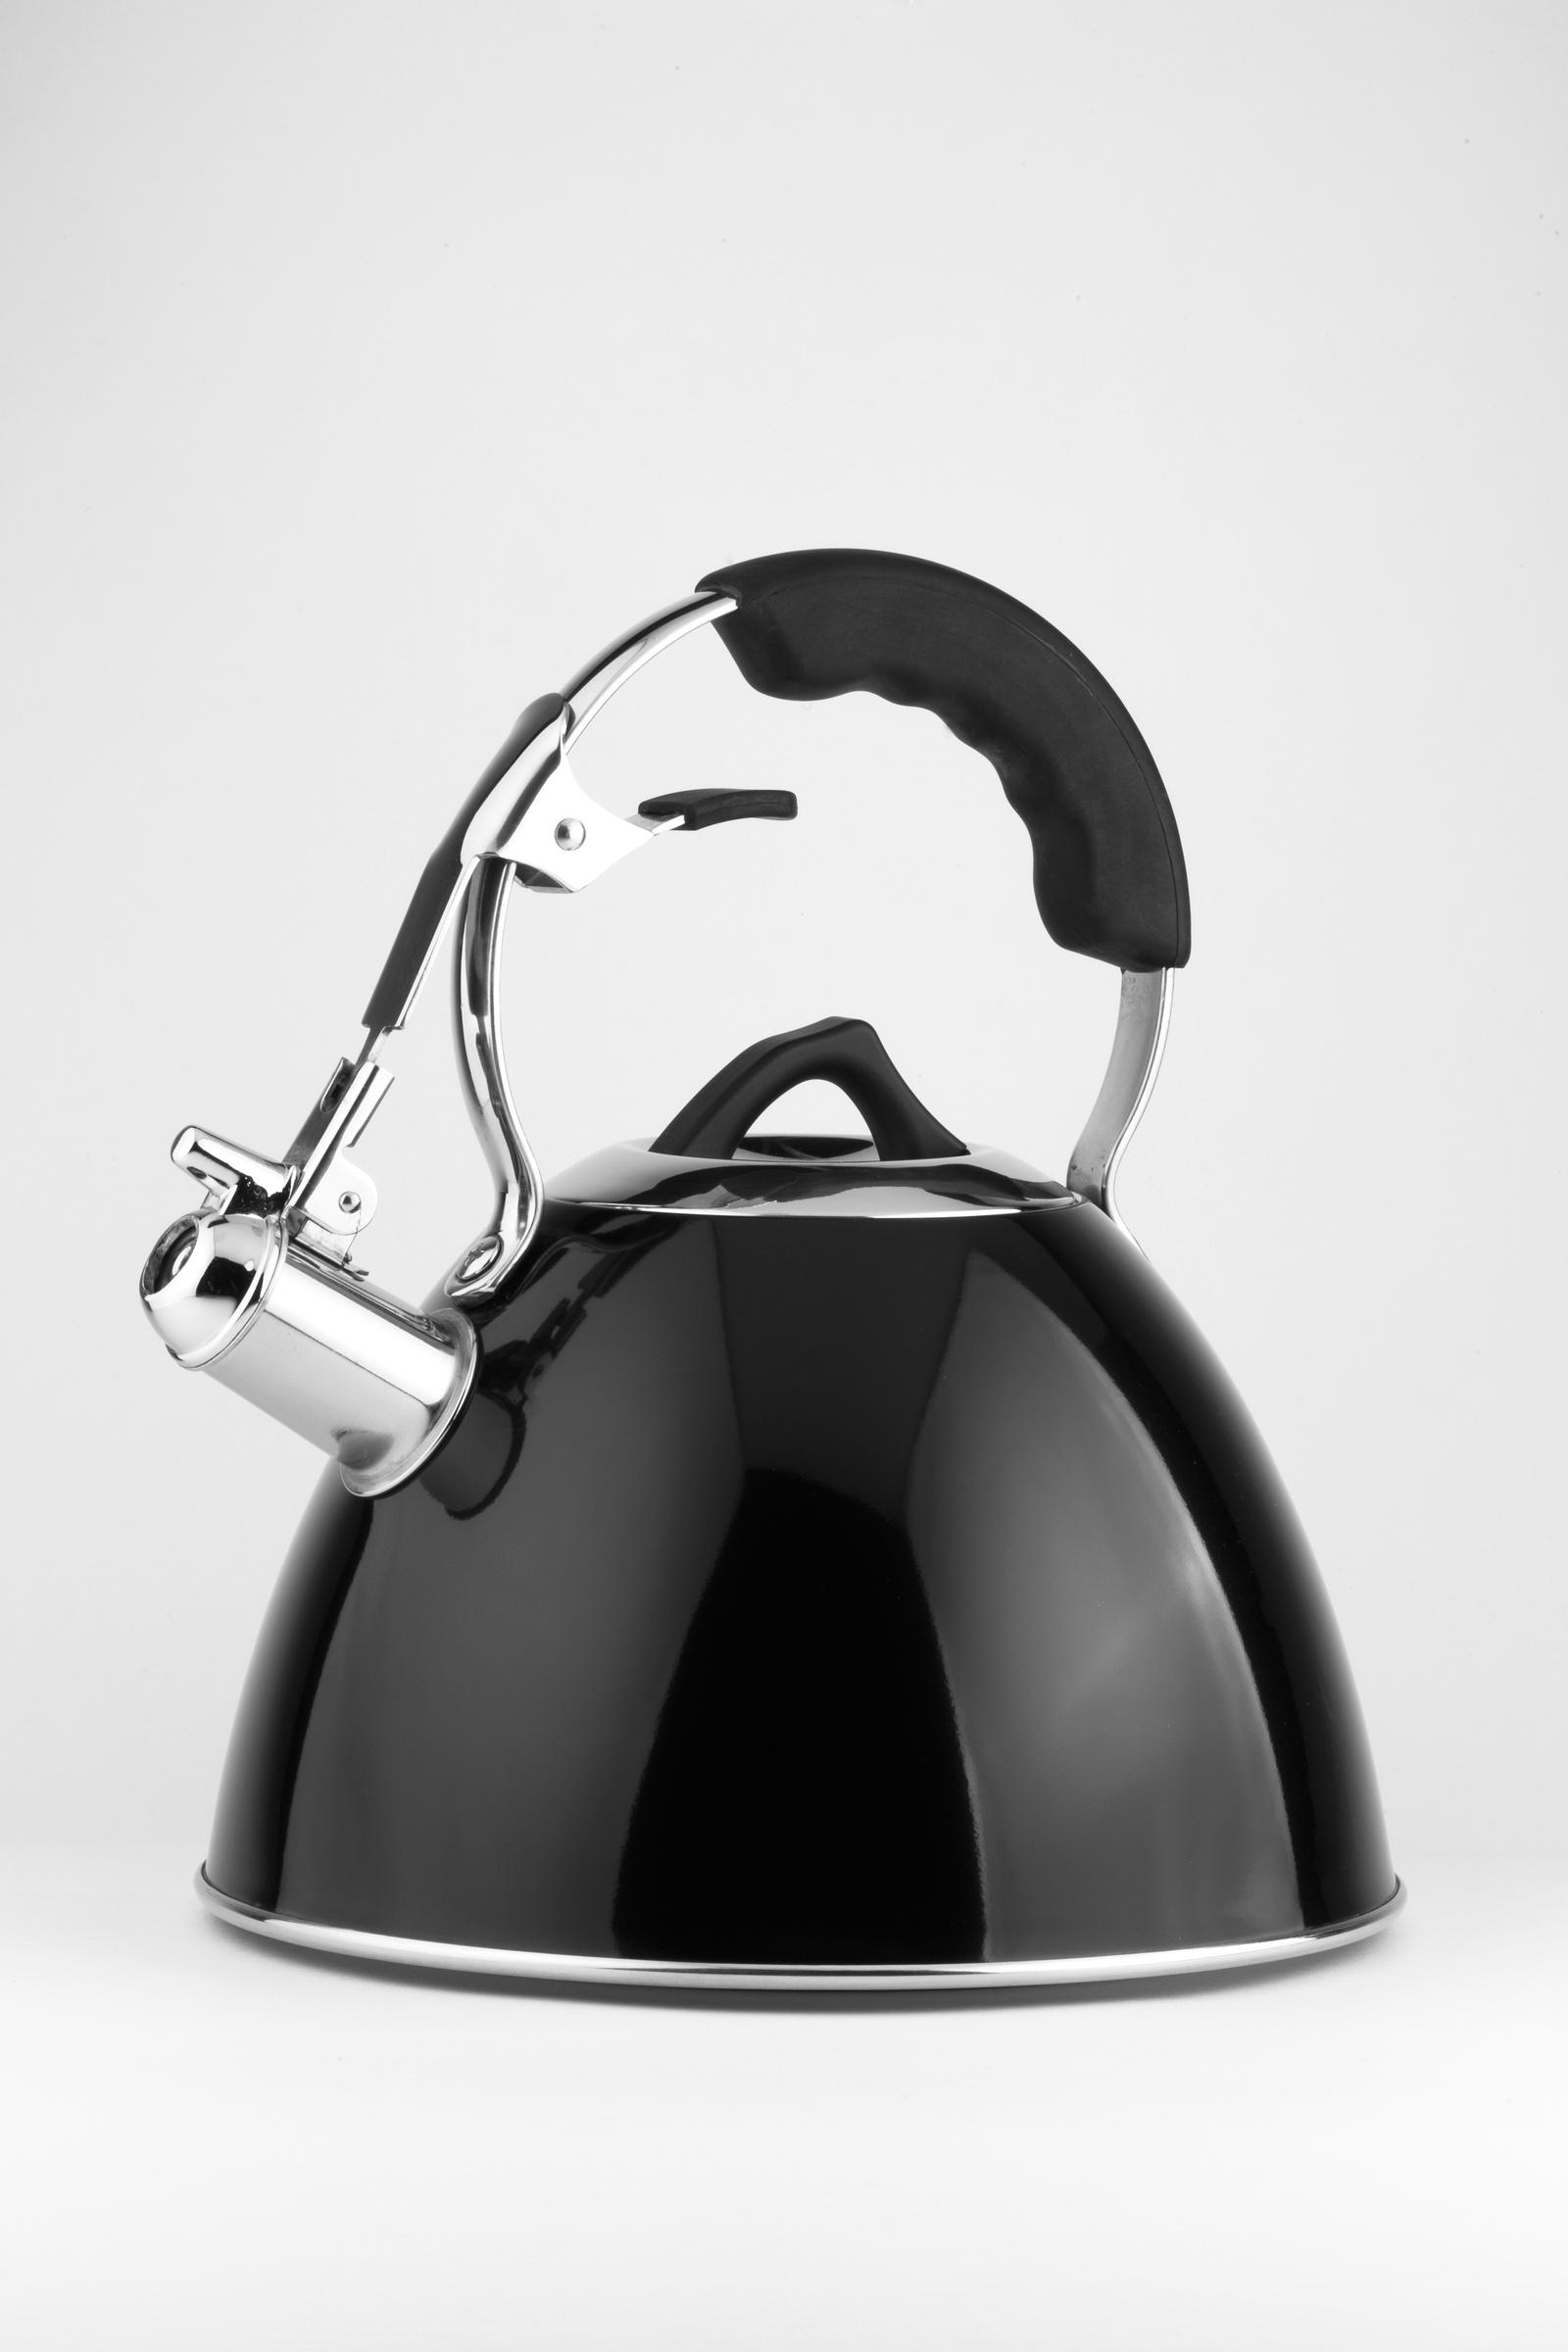 Чайник CARL SCHMIDT SOHN CS066598, Нержавеющая сталь чайник carl schmidt sohn aquatic со свистком цвет серый металлик 5 л